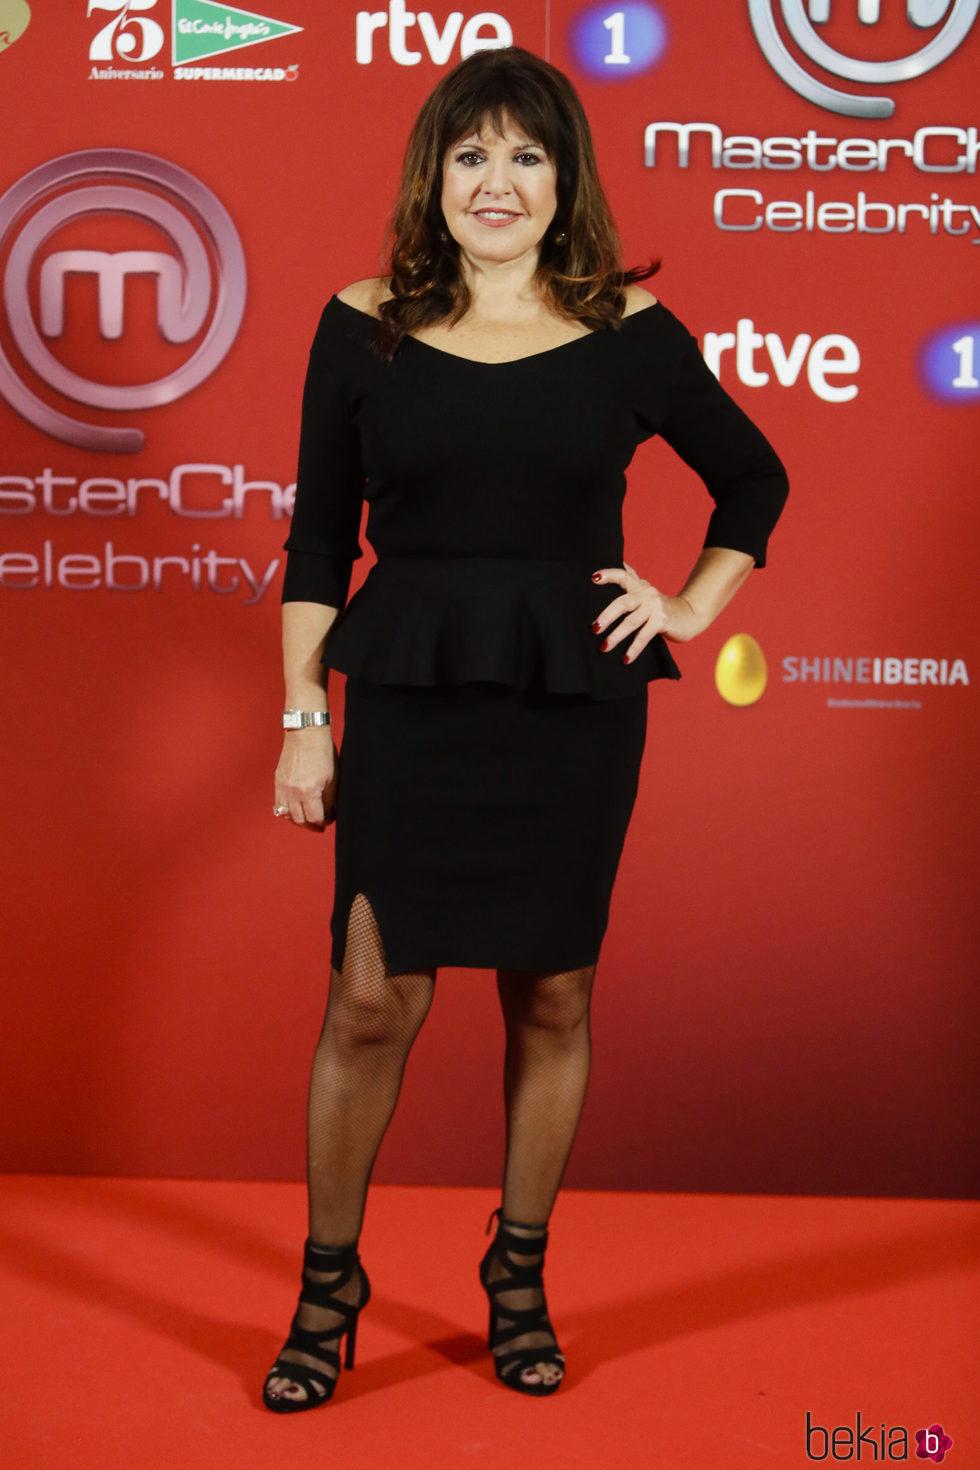 Loles León en la presentación de 'Masterchef Celebrity'